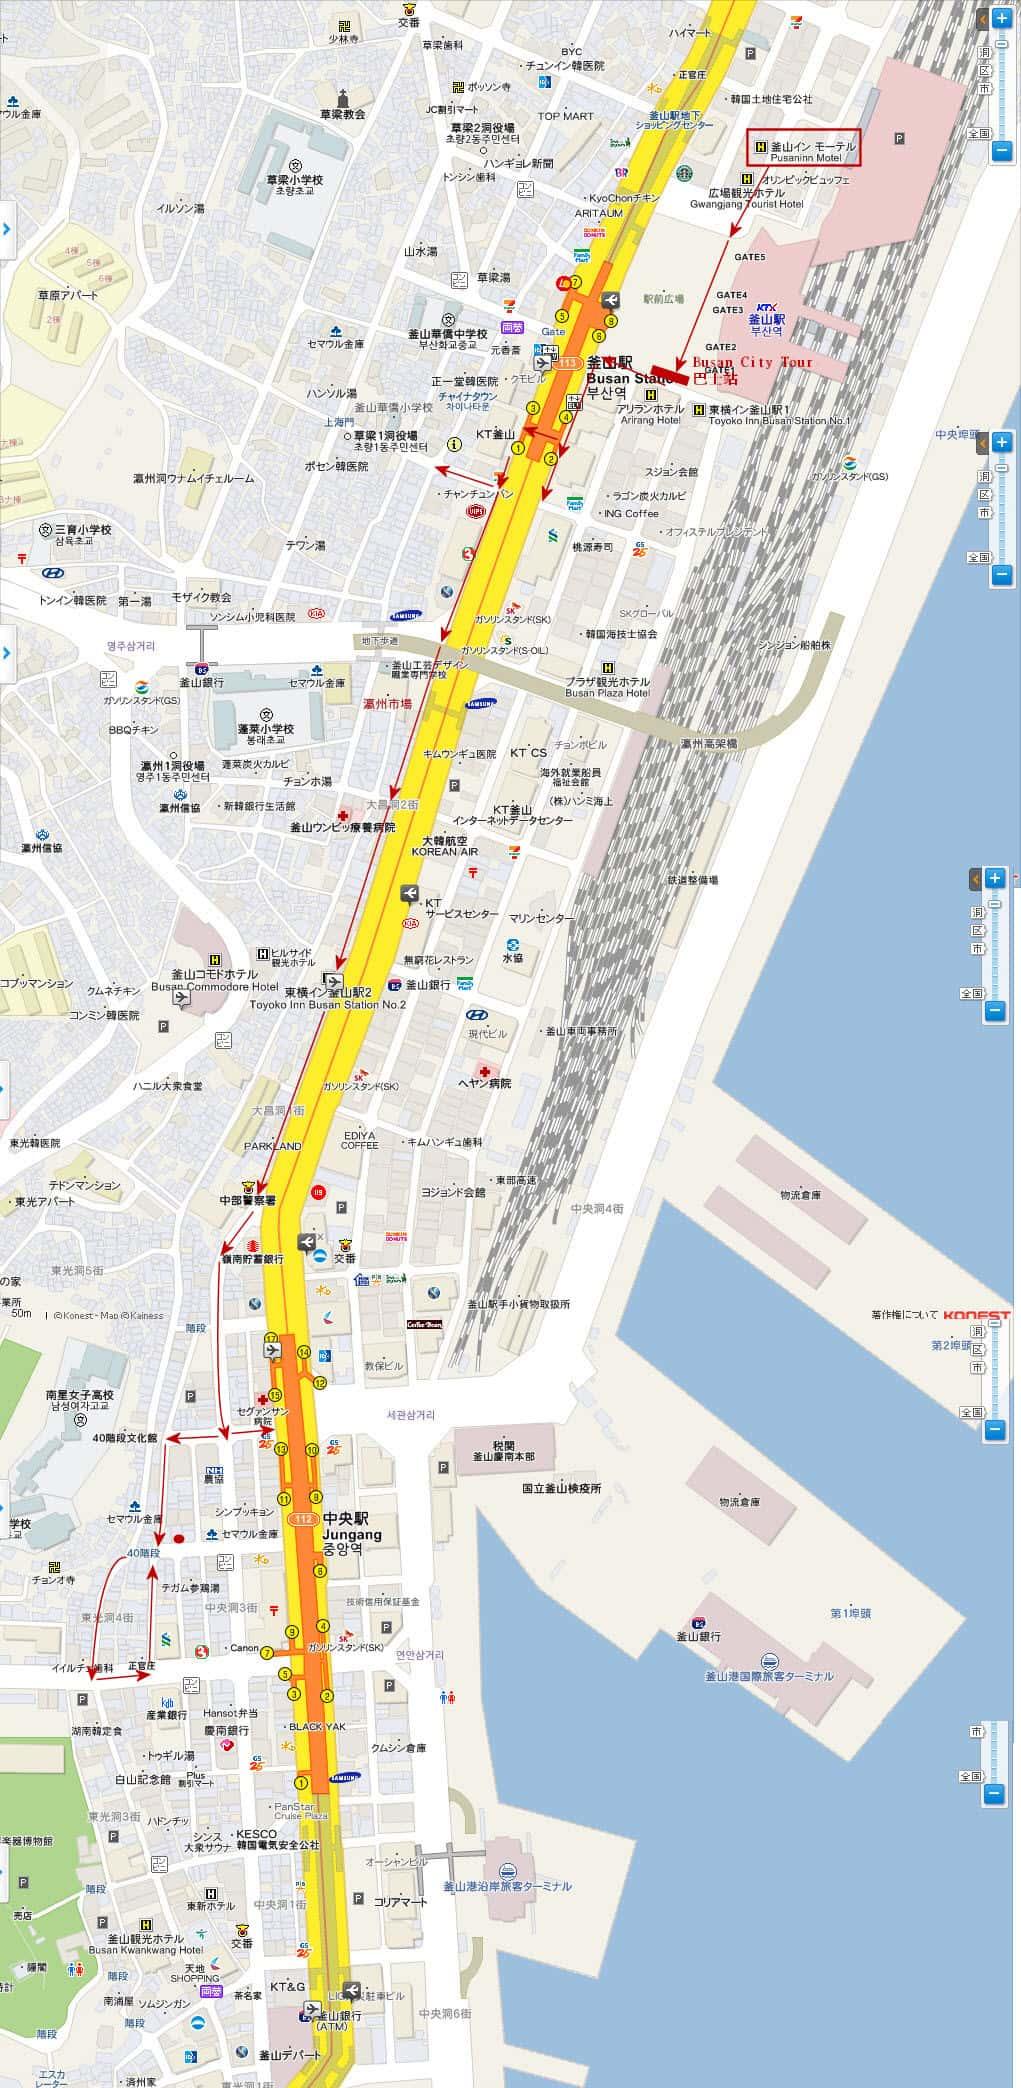 釜山驛步行往 四十階梯路線地圖